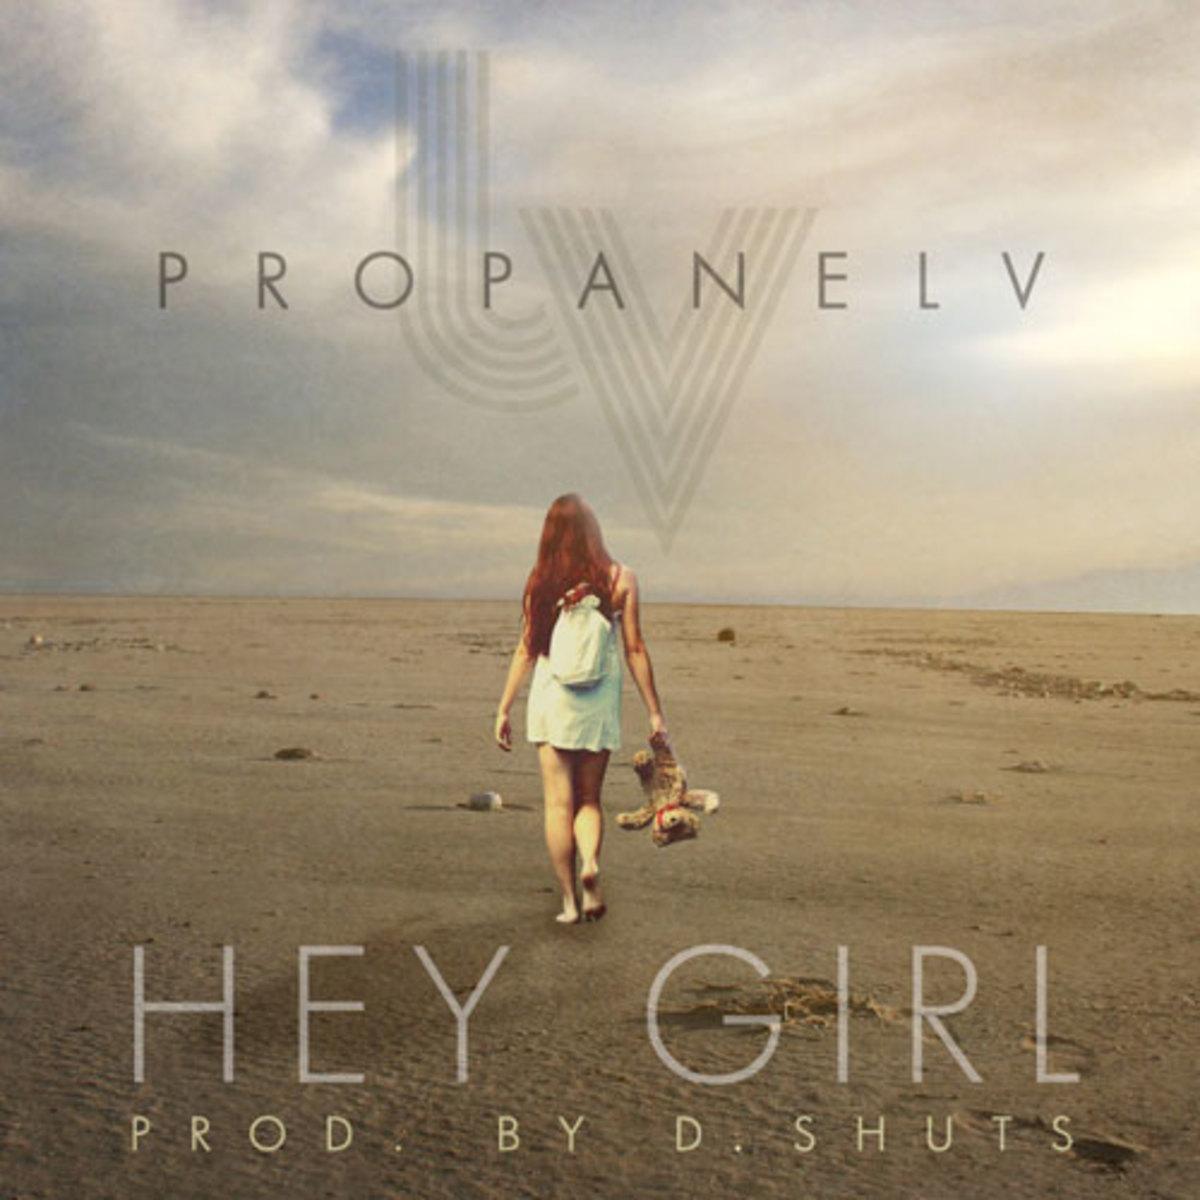 propanelv-heygirl.jpg